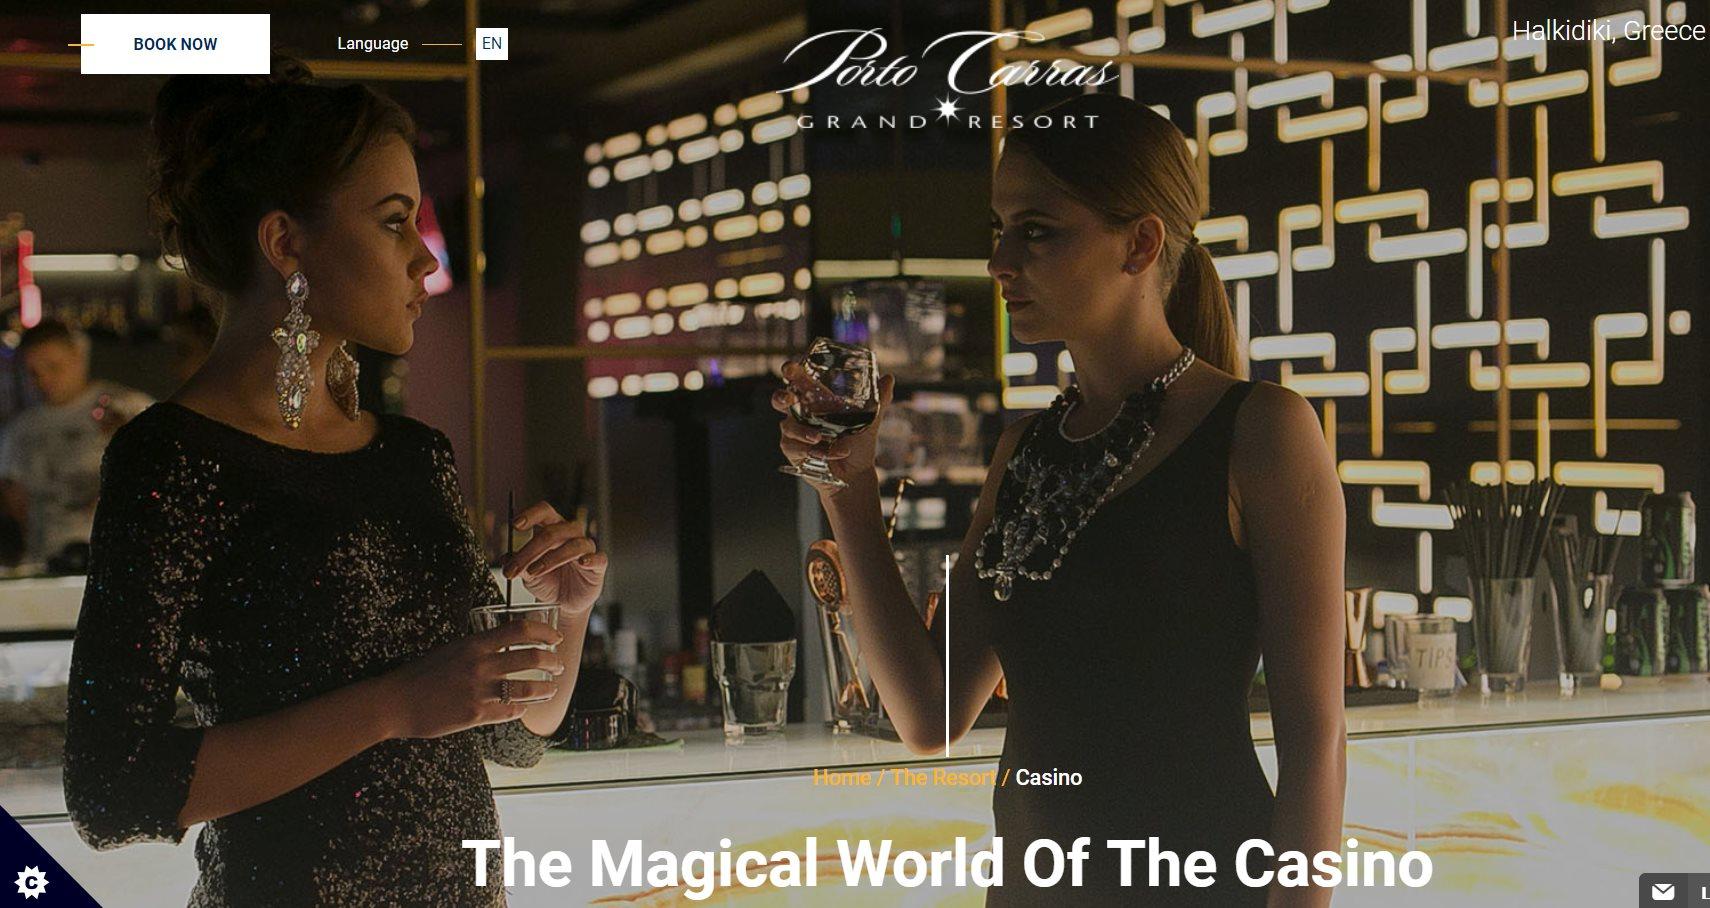 Η ιστοσελίδα του Porto Carras Casino